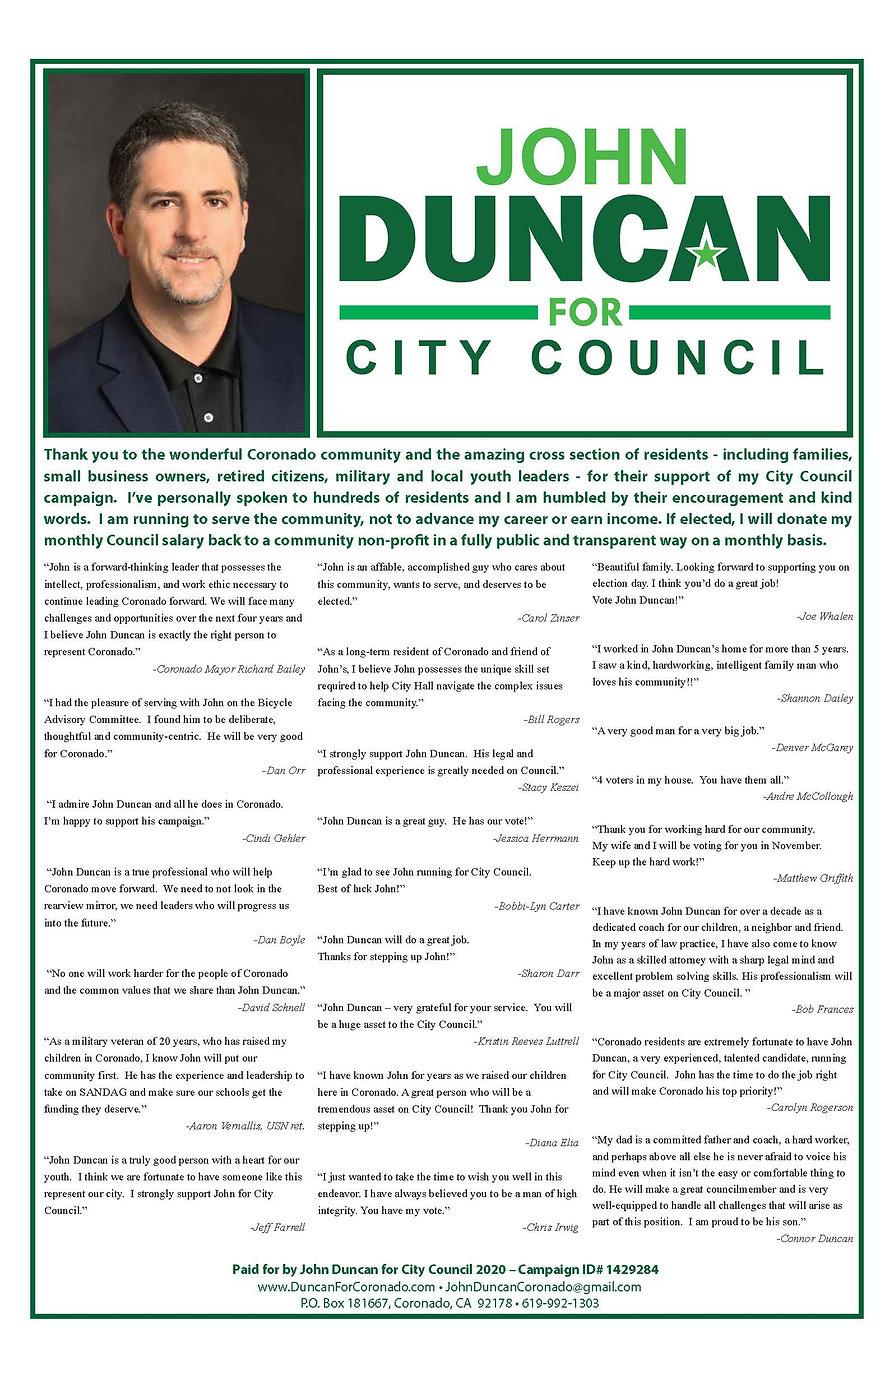 John Duncan FP 10-21-20.jpg